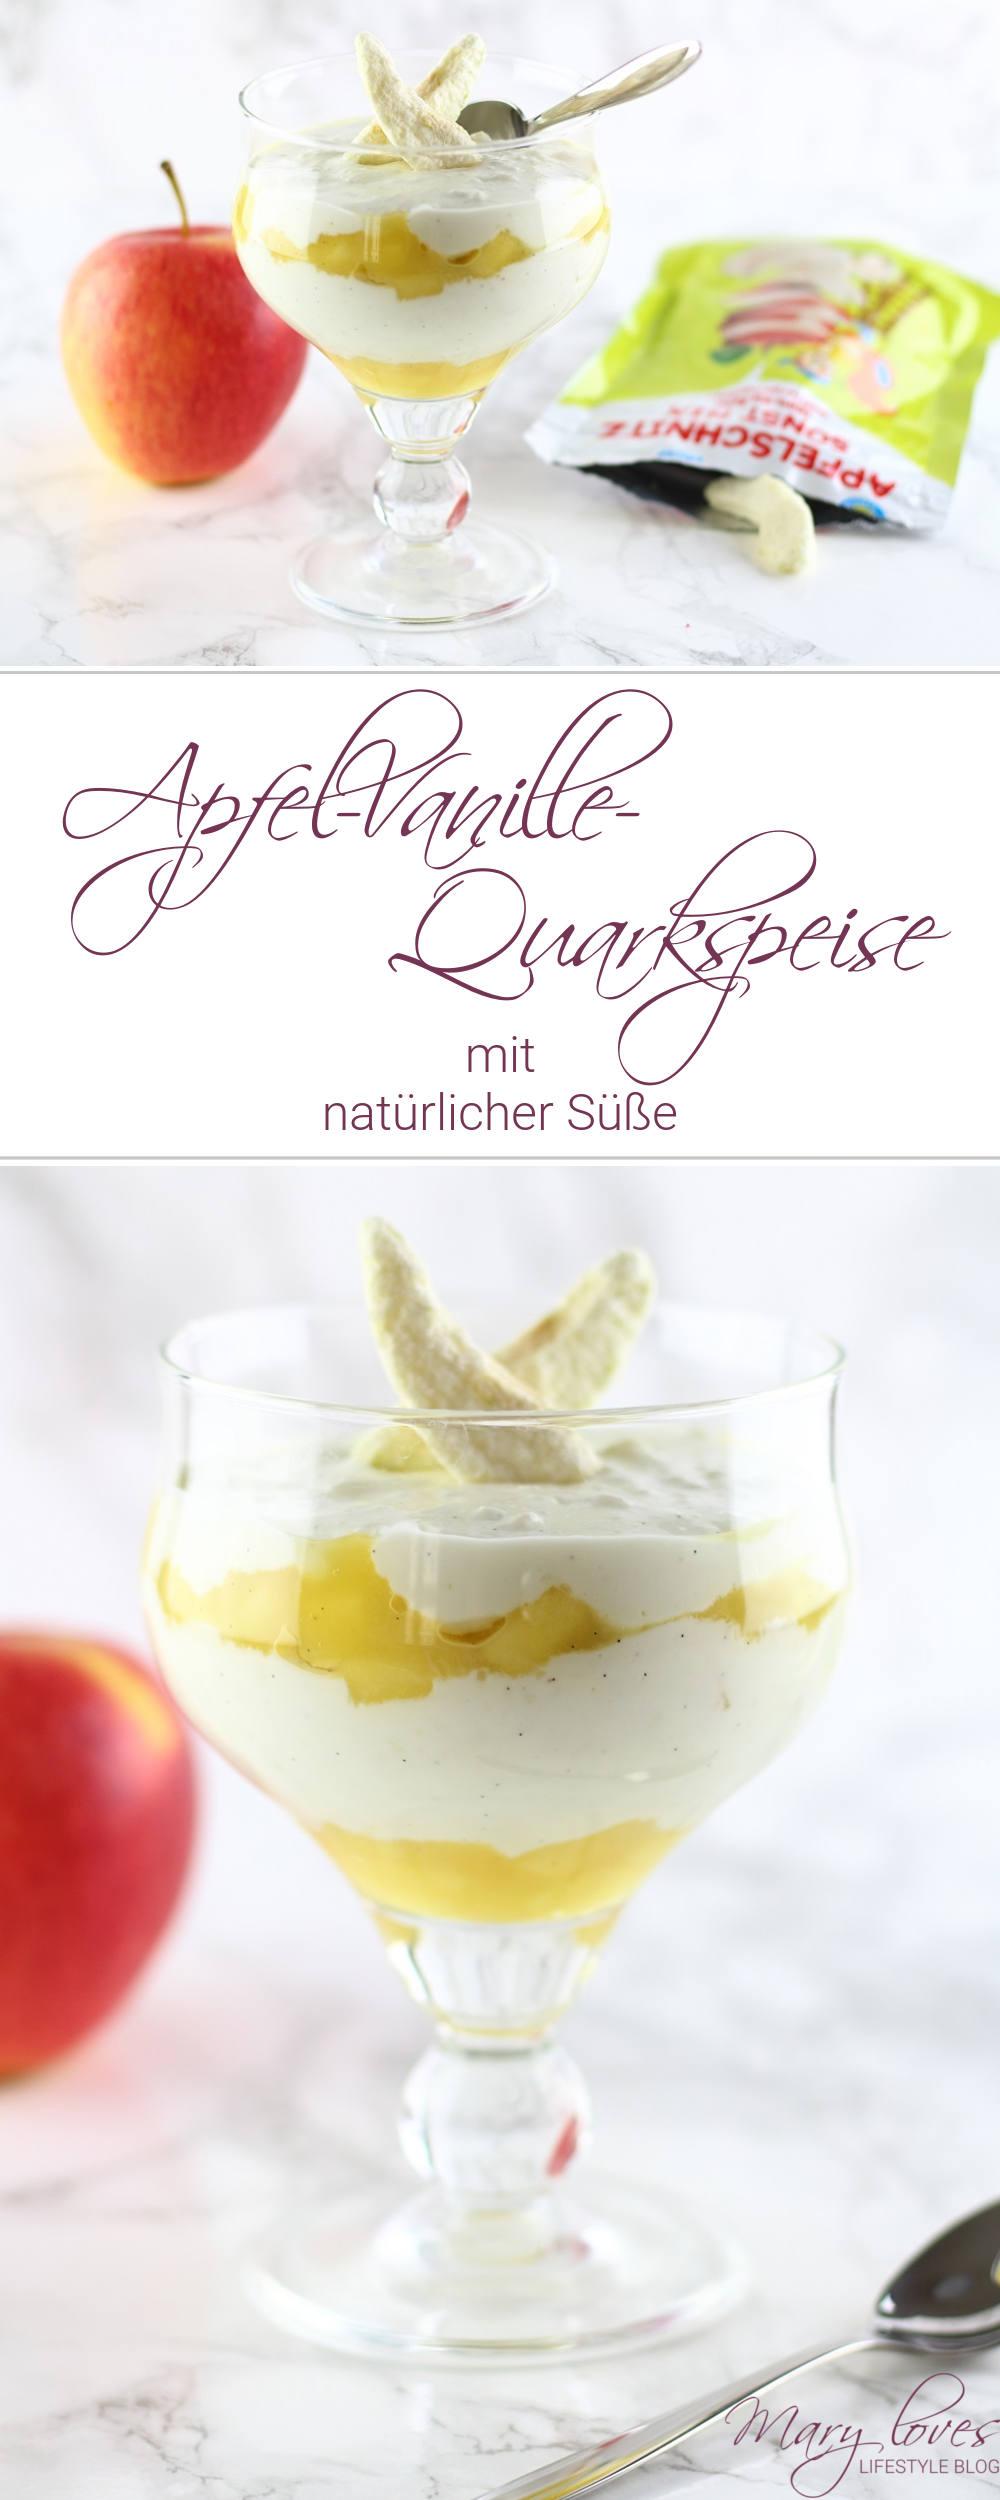 [Anzeige] Apfel-Vanille-Quarkspeise mit natürlicher Süße mit dem neuen HiPP Apfelschnitz - #hipp #apfelschnitz #quarkspeise #apfelvanillequarkspeise #kindernachtisch